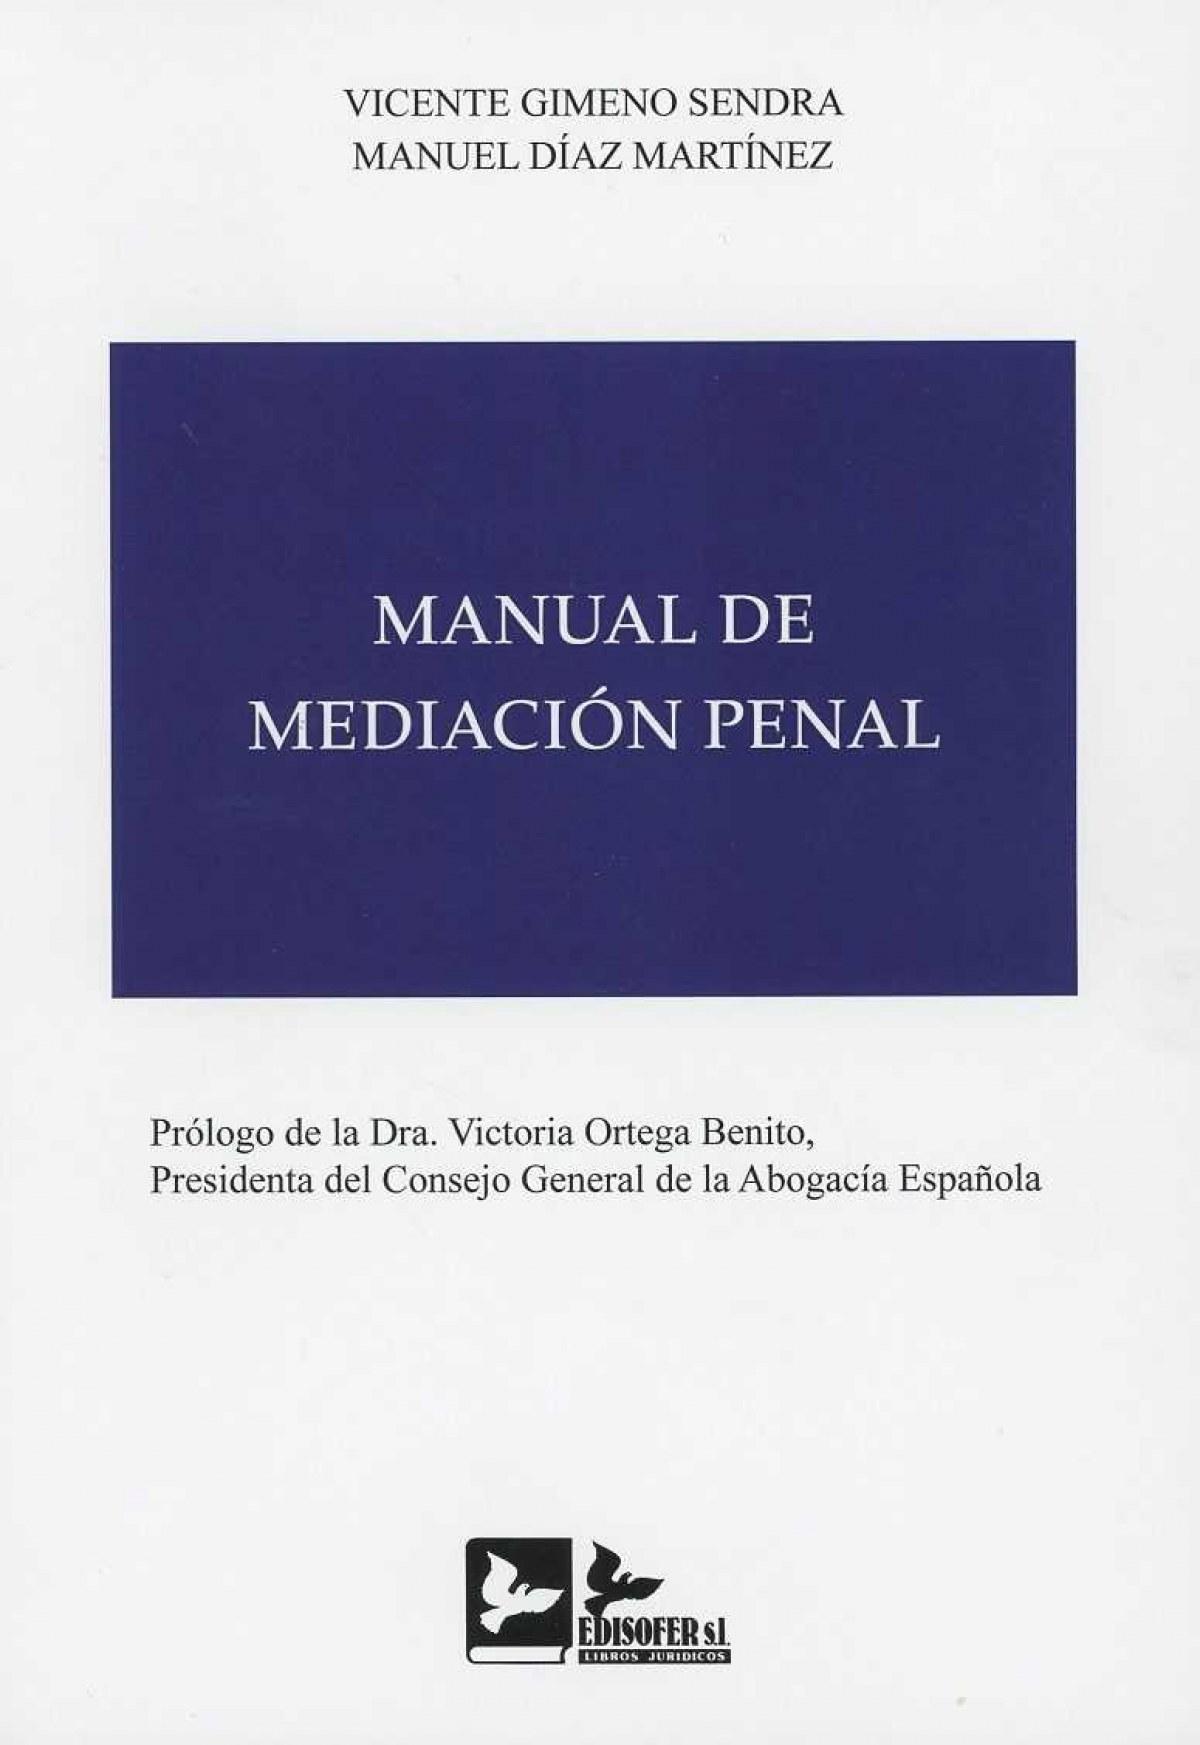 MANUAL DE MEDIACION PENAL